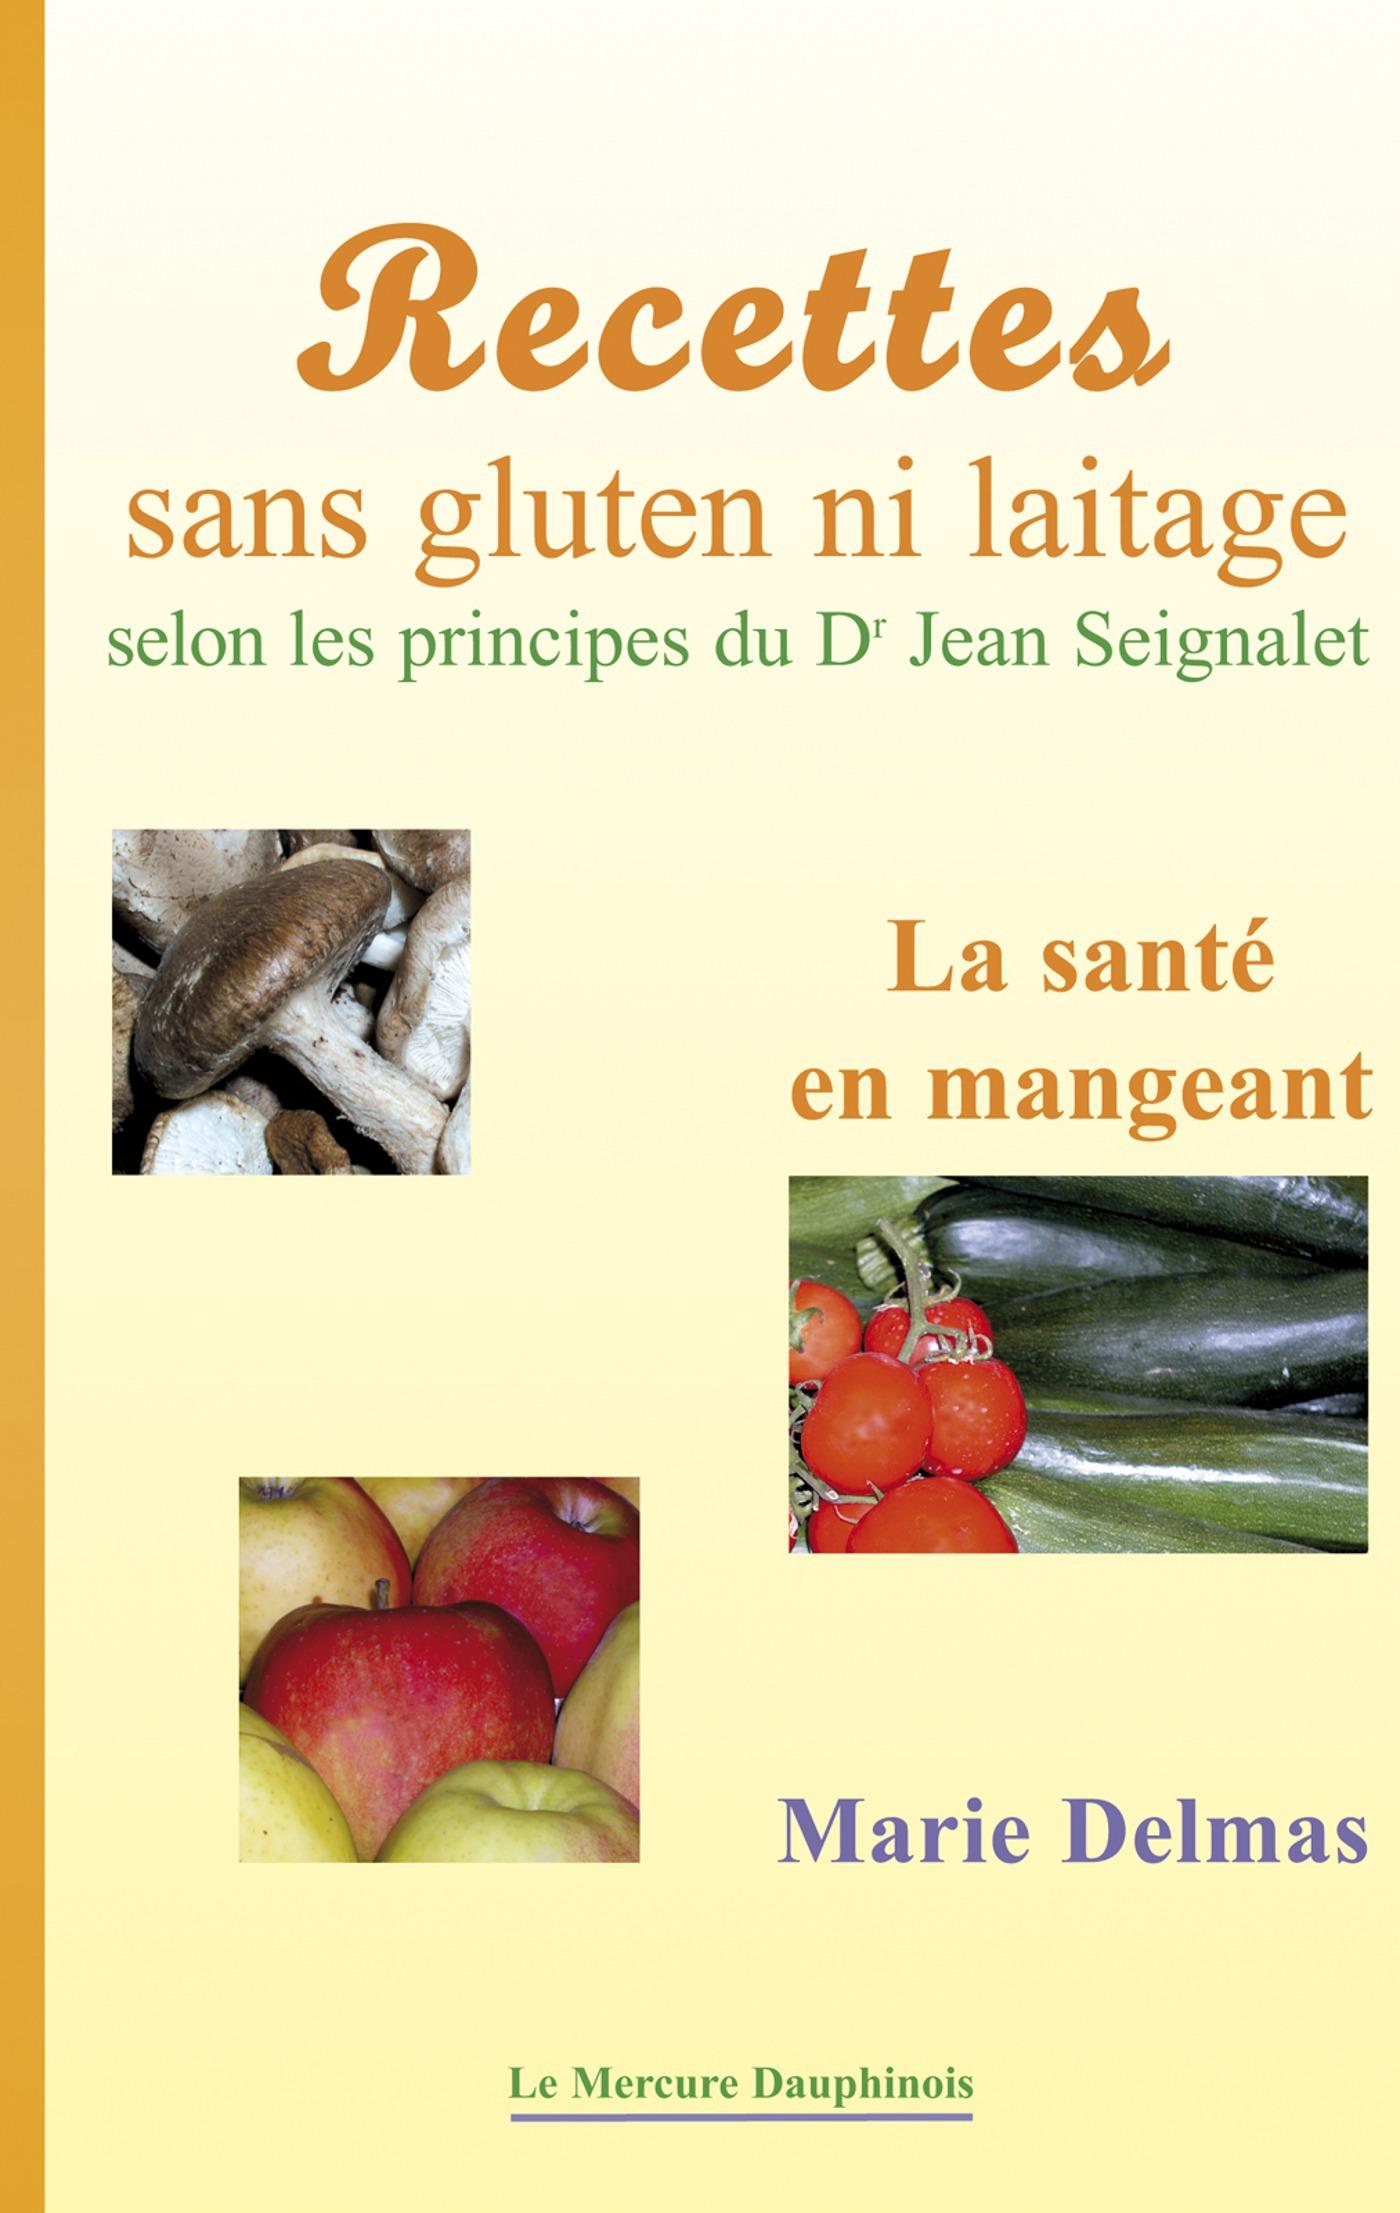 Marie Delmas Recettes sans gluten ni laitage selon les principes de Dr Jean Seignalet